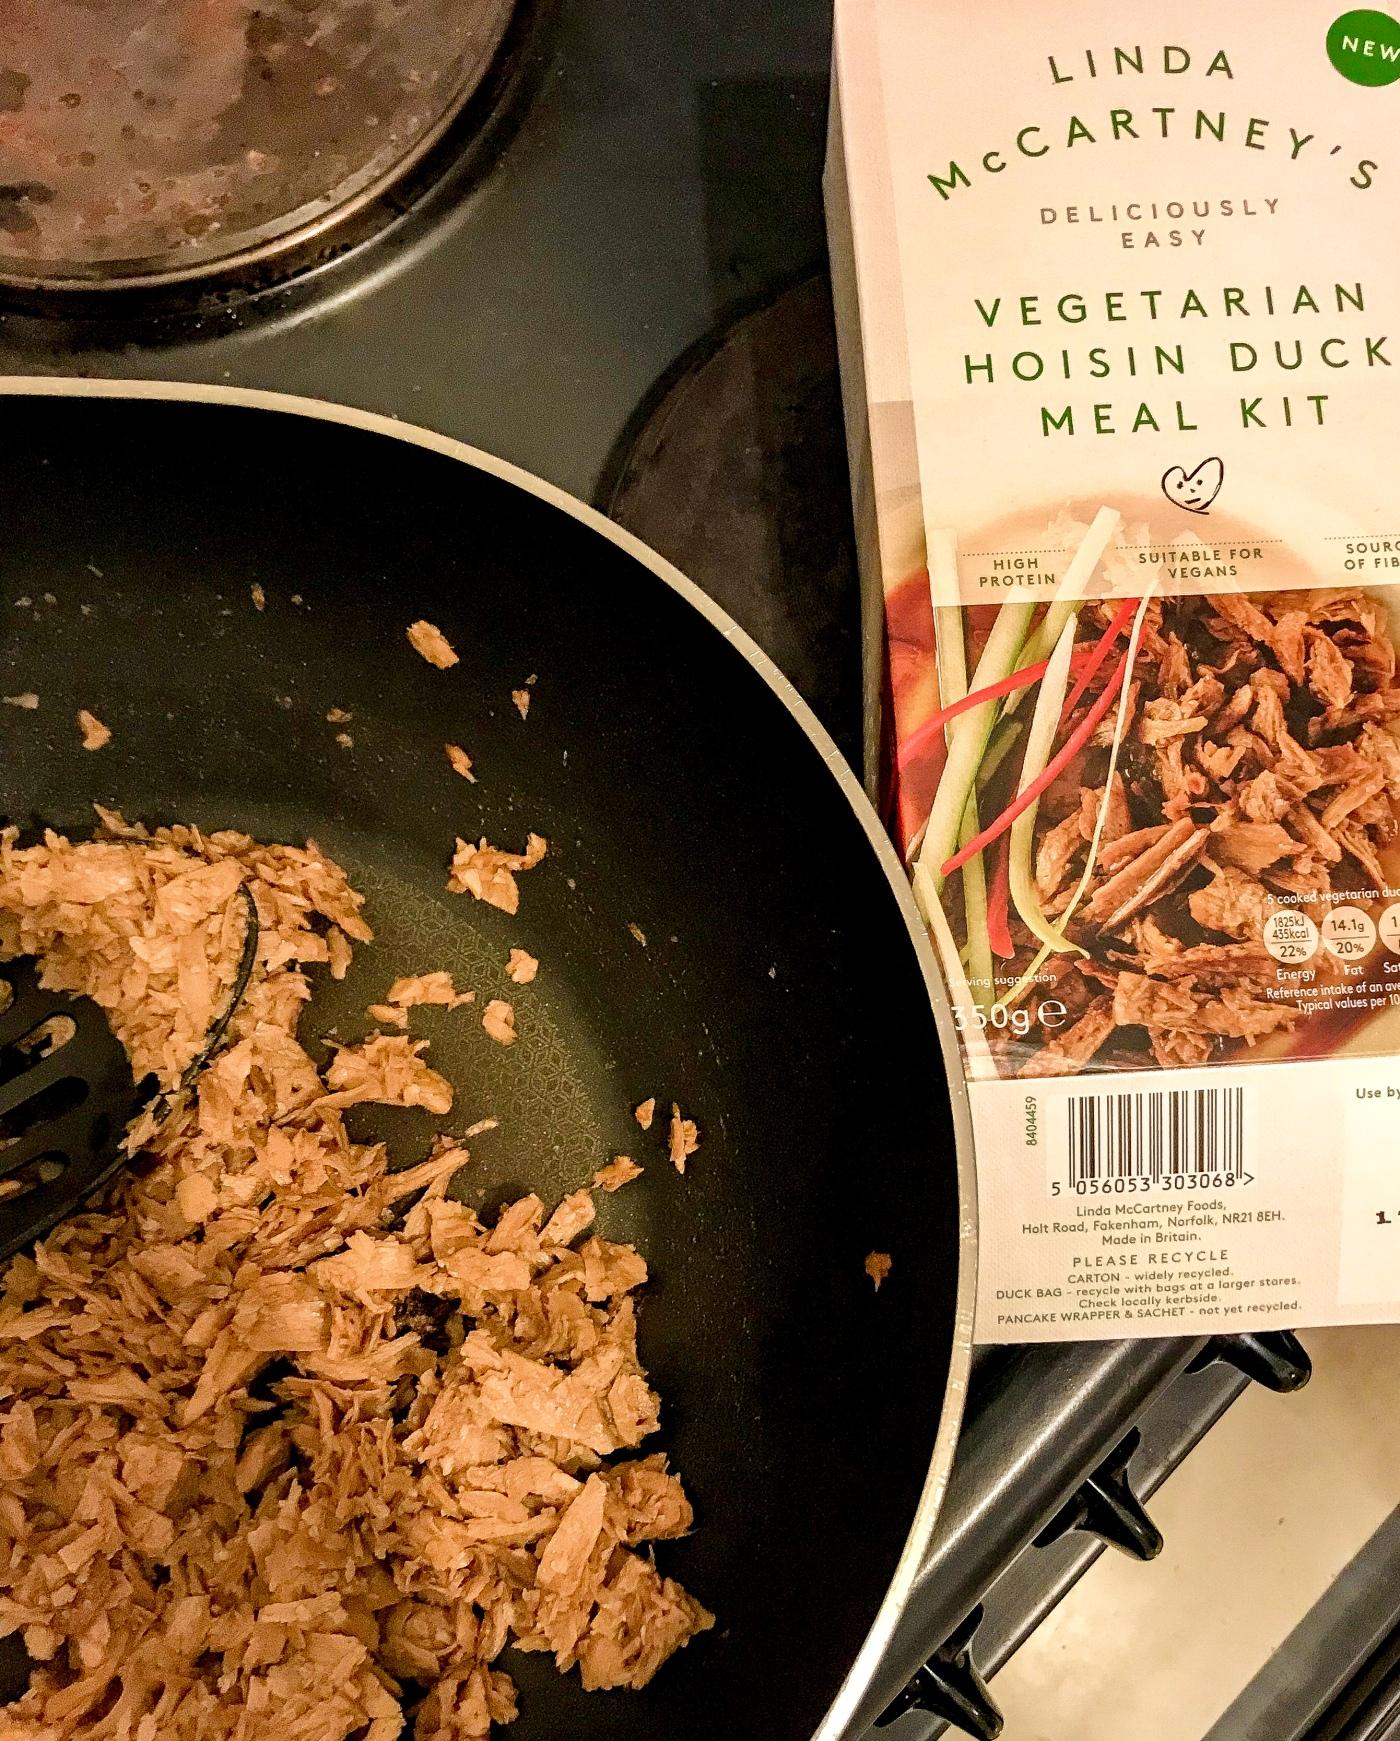 Linda McCartney's vegetarian hoisin duck meal kit